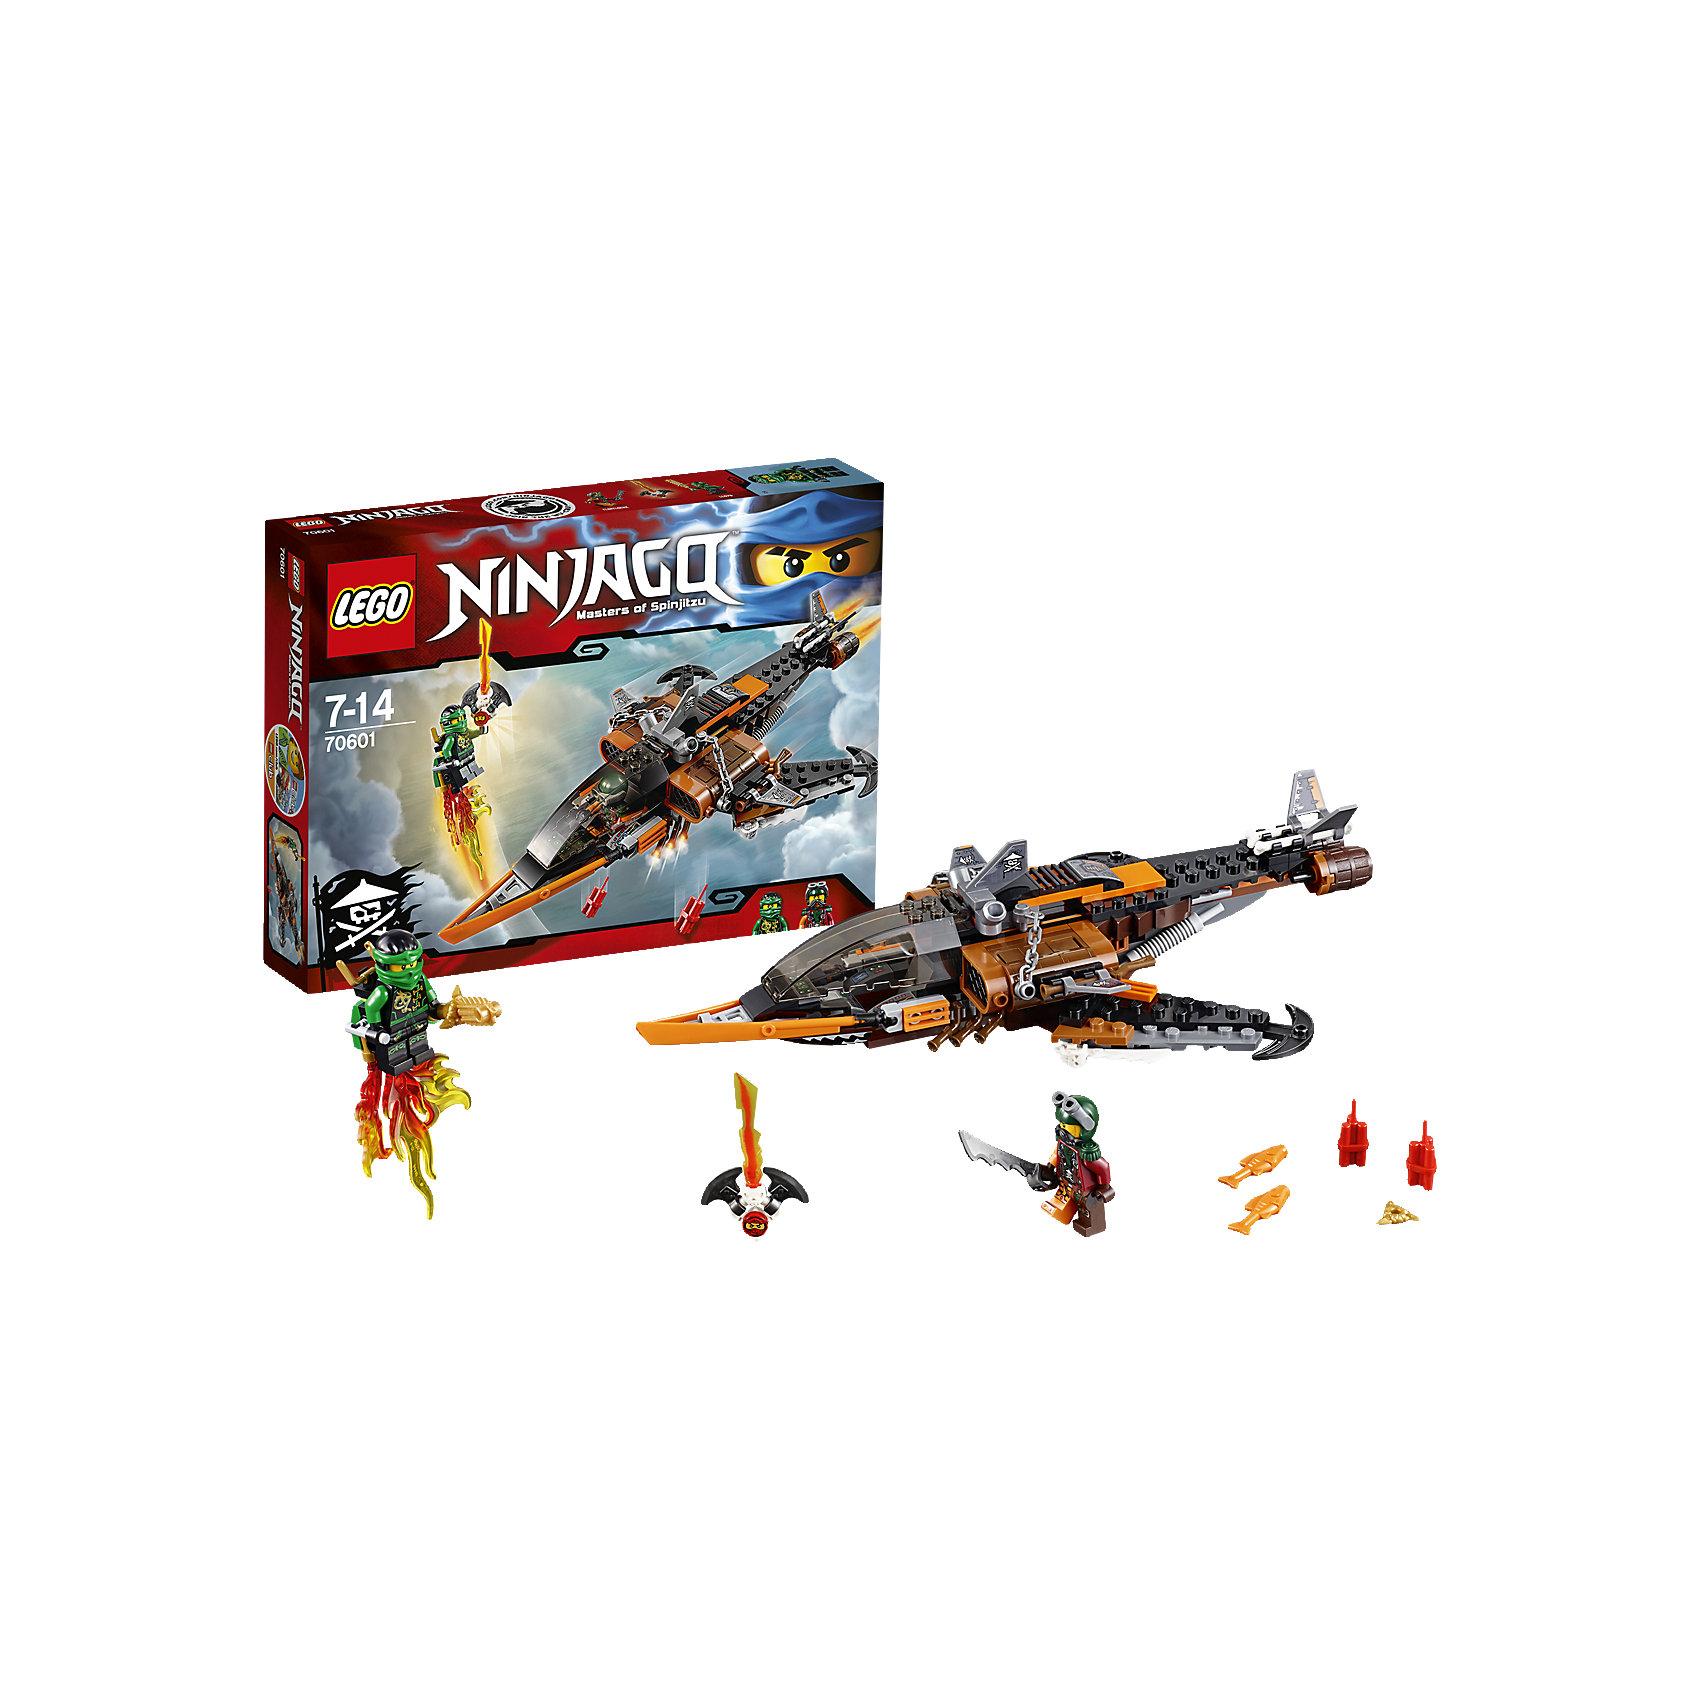 LEGO NINJAGO 70601: Небесная акулаПластмассовые конструкторы<br>Отправь беспилотник на разведку к этому удивительному самолёту, оснащённому целым набором опасных клинков, пушек и всяких классных пиратских штучек. Но остерегайся подвоха — Небесная акула может сбросить динамит или тухлую рыбу в любой момент! Затем преврати беспилотник в реактивный ранец для Ллойда и отправь героя-ниндзя в бой. Сбей Небесную акулу и сражайся, чтобы освободить Кая, заточённого в Джинн-клинок!<br><br>LEGO Ninjago (ЛЕГО Ниндзяго) - серия детских конструкторов ЛЕГО, рассказывающая о приключениях четырех отважных ниндзя и их сенсея, о противостоянии злу и победе добра. Наборы серии можно комбинировать между собой, давая безграничные просторы для фантазии и придумывая свои новые истории. <br> <br>Дополнительная информация:<br><br>- Конструкторы ЛЕГО развивают усидчивость, внимание, фантазию и мелкую моторику. <br>- Комплектация: 2 минифигурки, аксессуары, небесная акула.<br>- В комплекте 2 минифигурки.<br>- Количество деталей: 221.<br>- Серия ЛЕГО Ниндзяго (LEGO Ninjago)<br>- Материал: пластик.<br>- Размер упаковки: 26х4,6х19 см.<br>- Вес: 0.305 кг.<br><br>Конструктор LEGO Ninjago 70601: Небесная акула можно купить в нашем магазине.<br><br>Ширина мм: 264<br>Глубина мм: 192<br>Высота мм: 50<br>Вес г: 317<br>Возраст от месяцев: 84<br>Возраст до месяцев: 168<br>Пол: Мужской<br>Возраст: Детский<br>SKU: 4259039